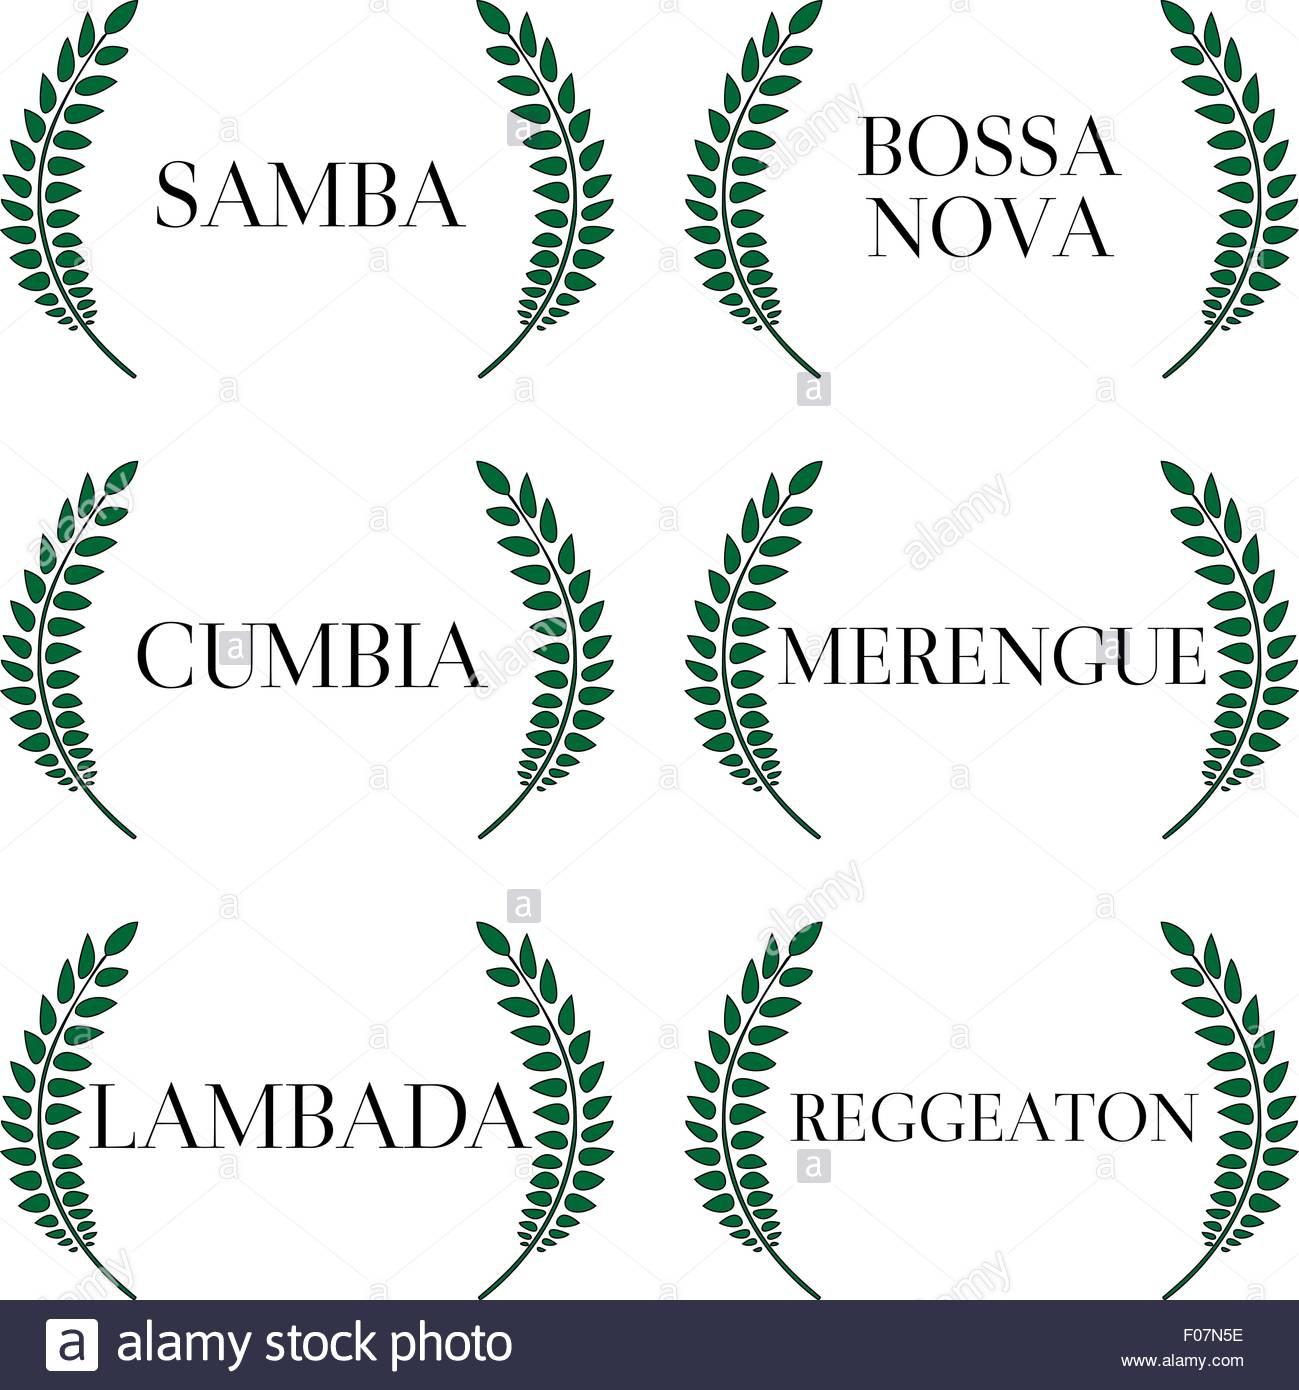 Latin Music Genres 5 - Stock Image